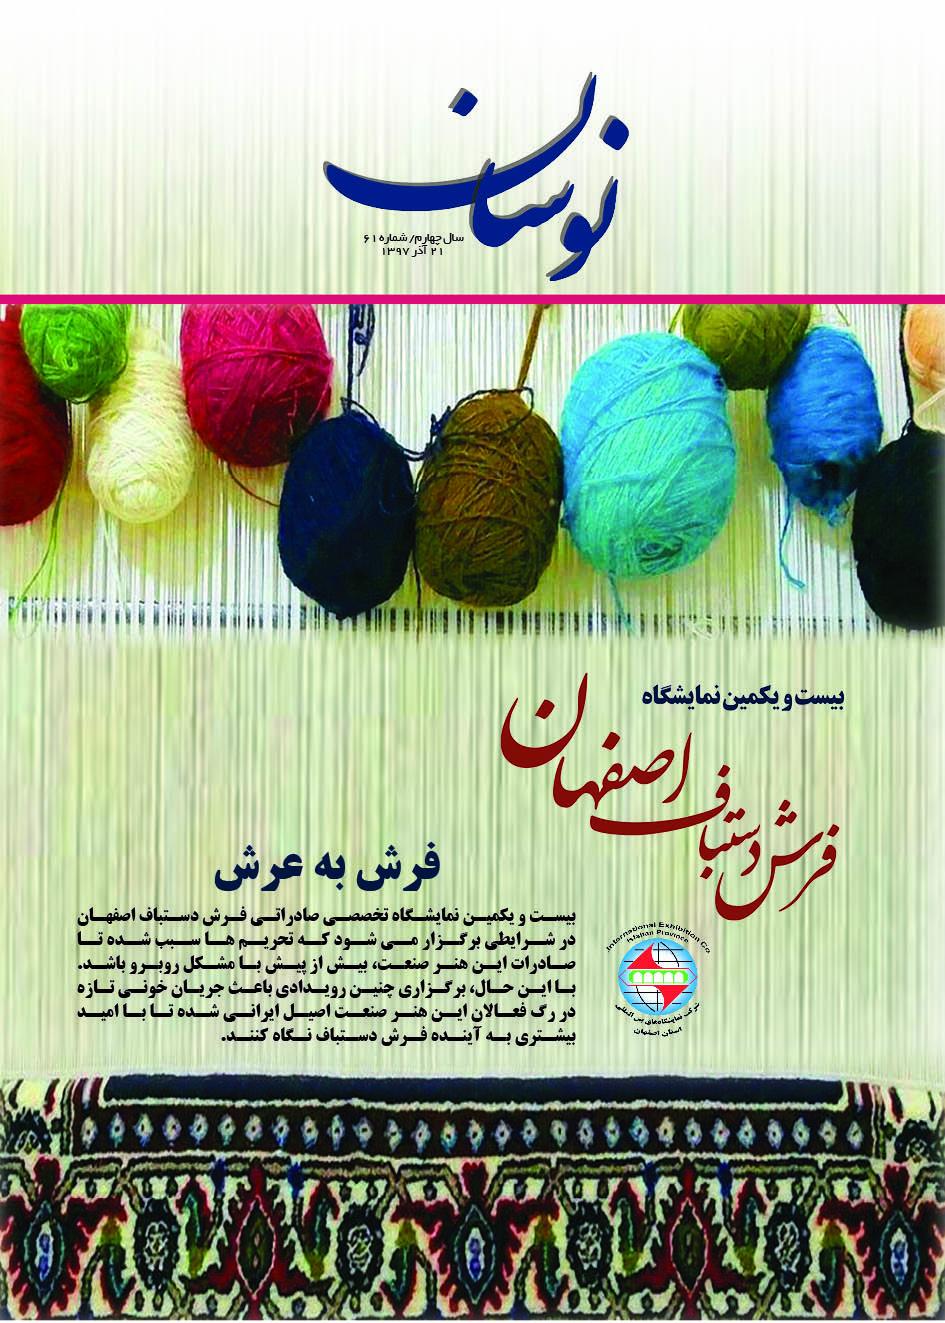 نمایشگاه فرش اصفهان